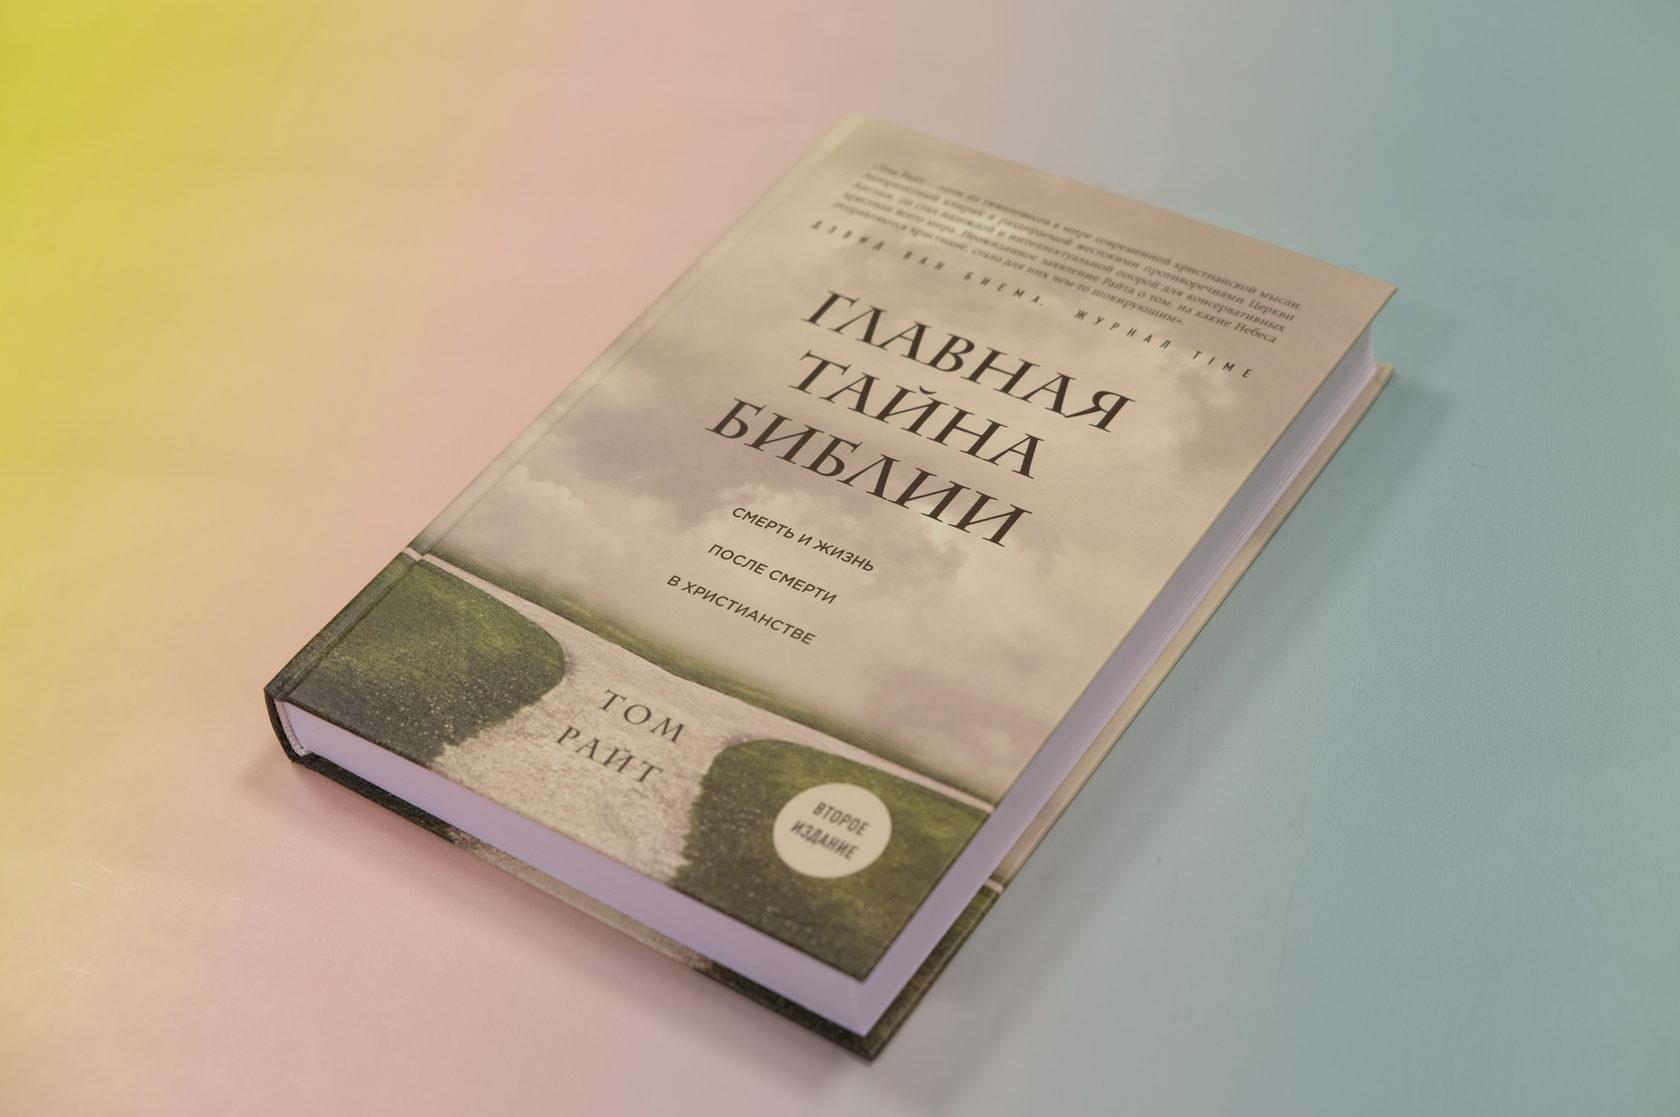 Том Райт «Главная тайна Библии. Смерть и жизнь после смерти в христианстве»